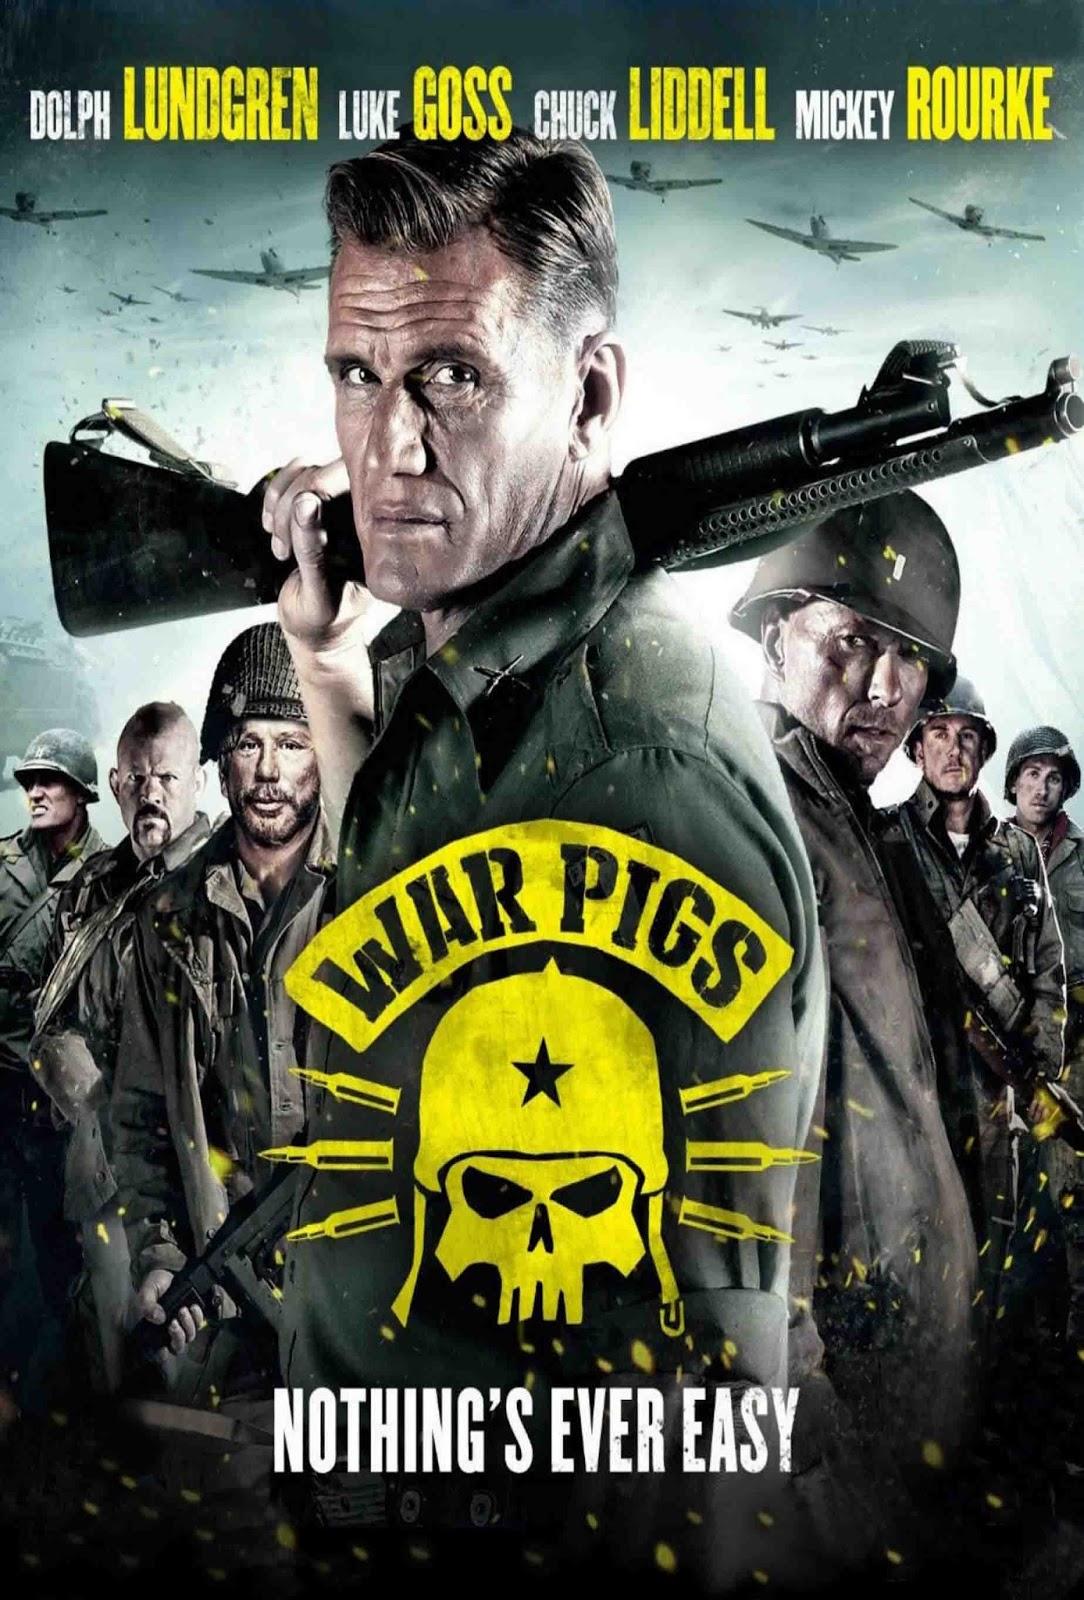 Filme Marcas Da Guerra pertaining to da guerra torrent - blu-ray rip 720p e 1080p dublado (2016)